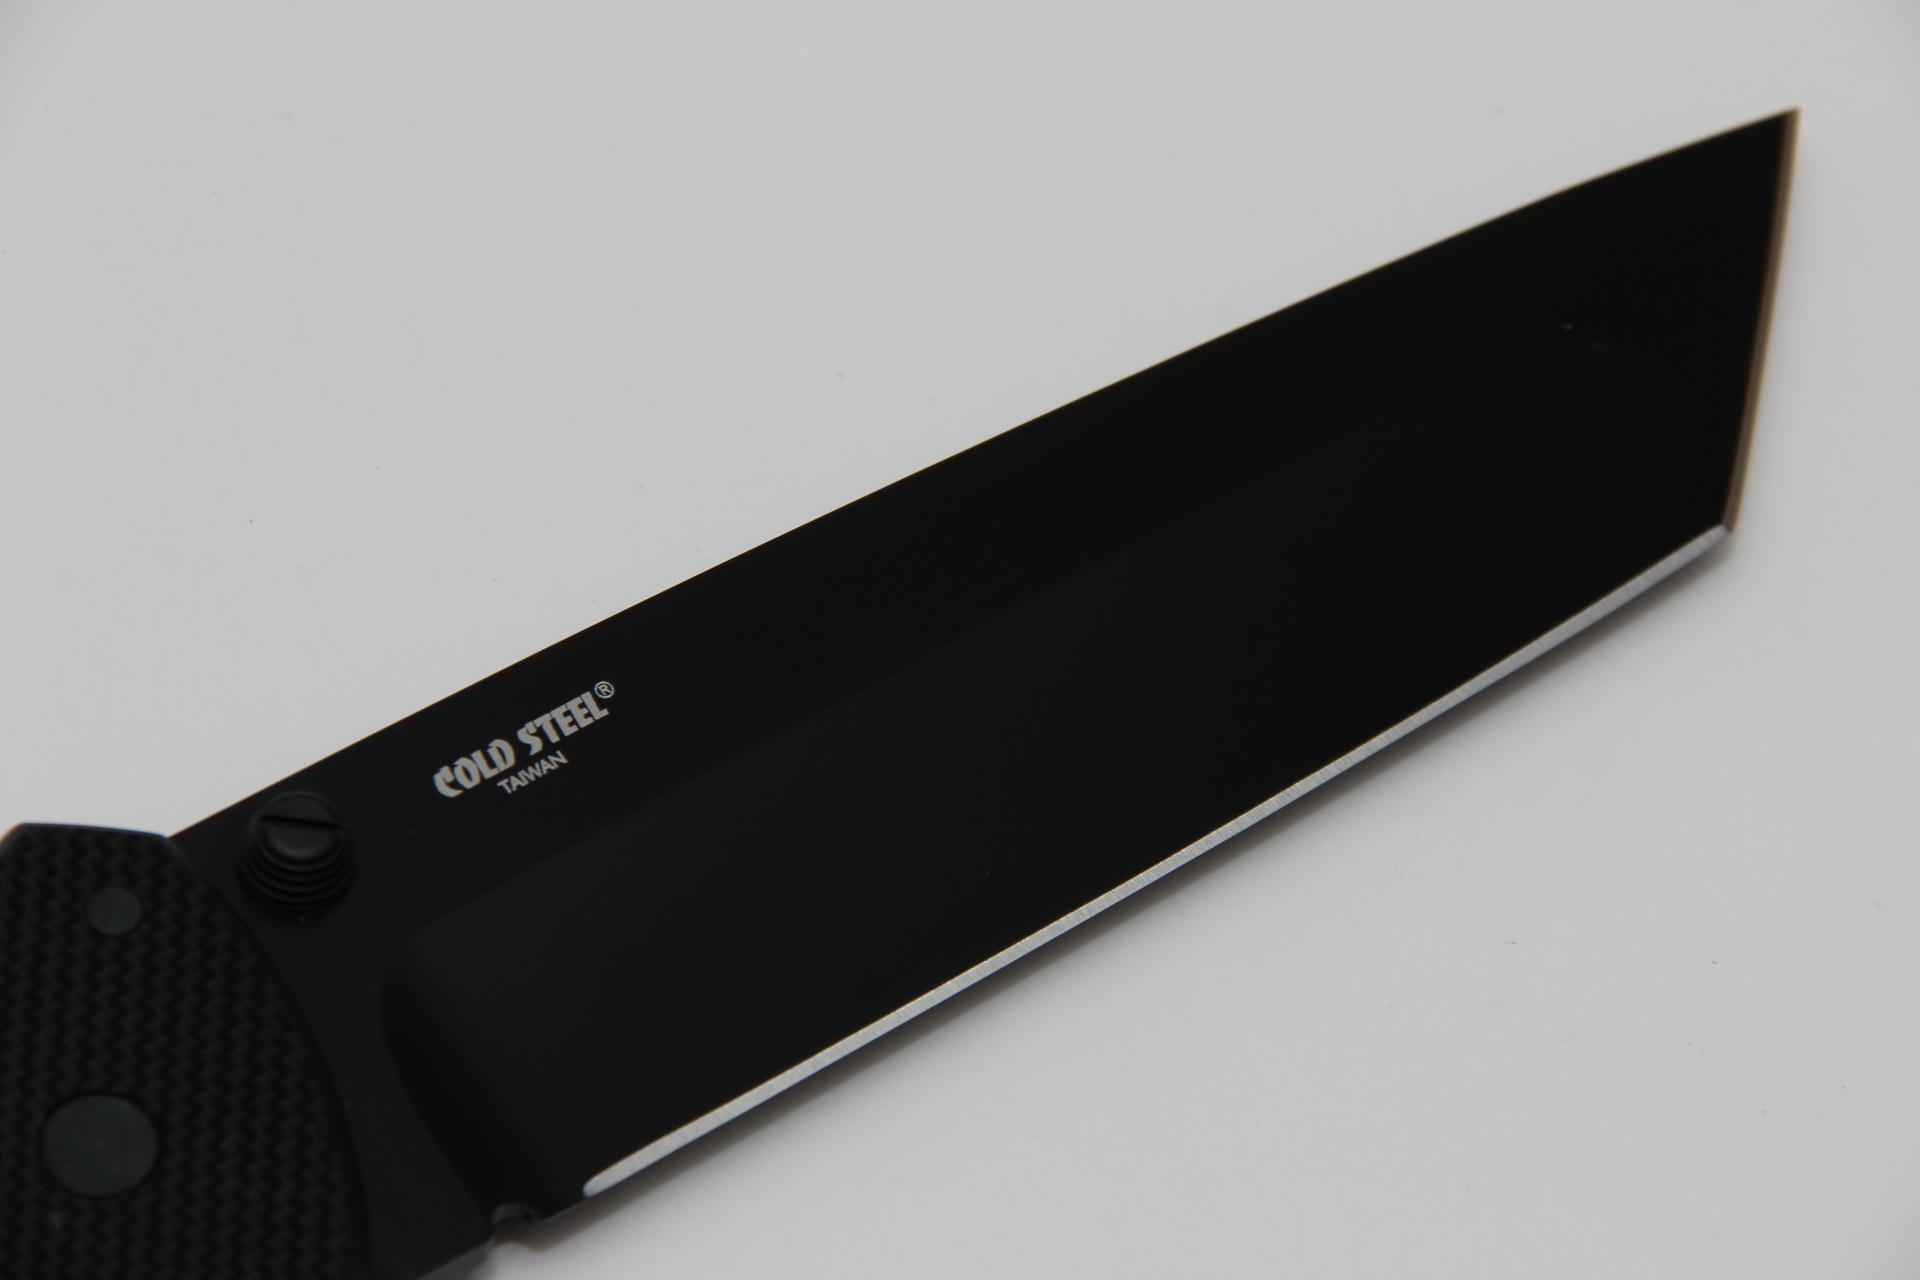 Нож Cold Steel XL Recon 1 Tanto Point 27TXLT - фотография